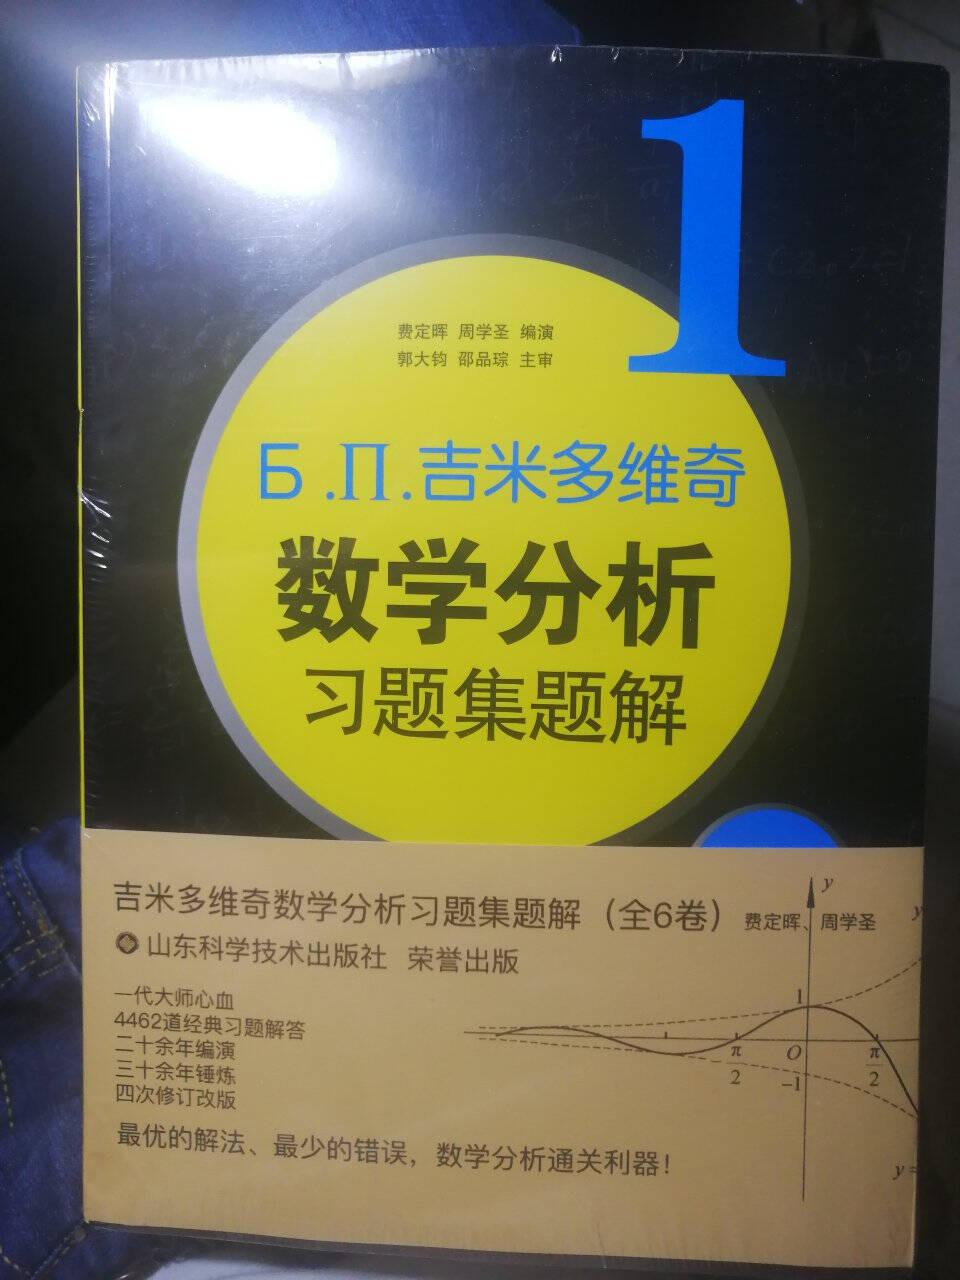 吉米多维奇数学分析习题集题解(1第4版)吉米套装1-6共6册山东科技出版